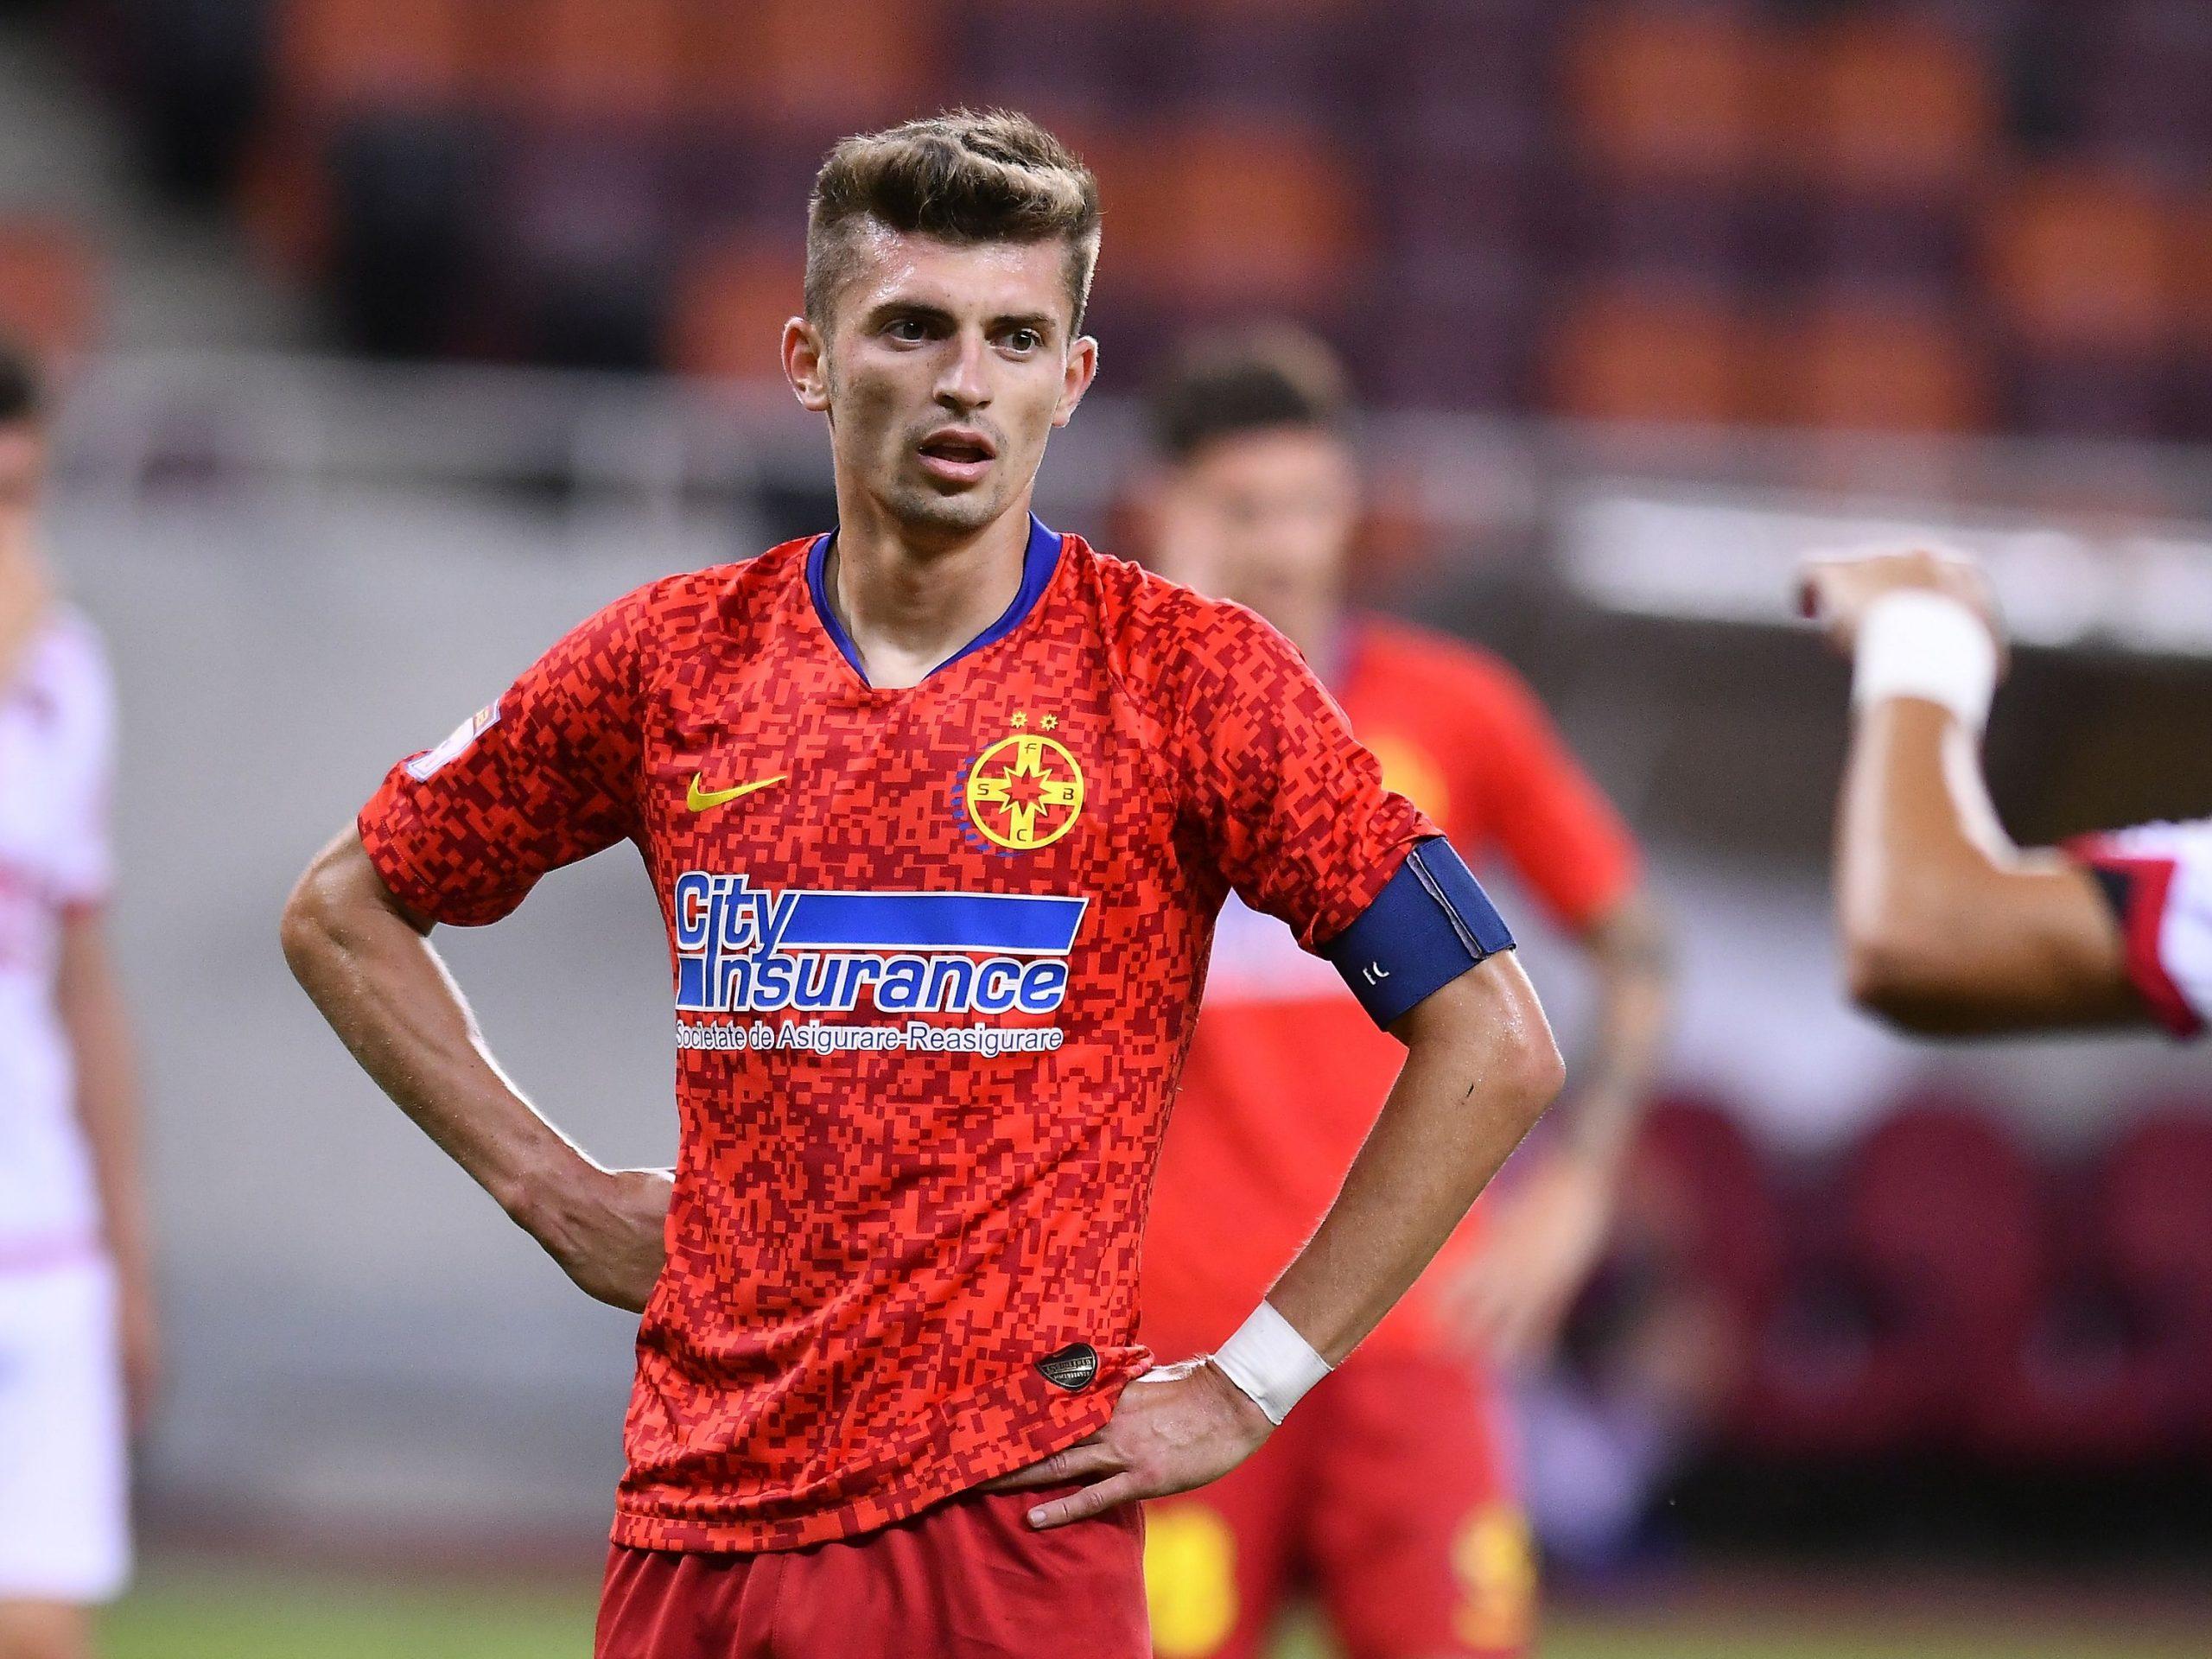 Sepsi – FCSB 2-2 | Meci nebun la Sfântu Gheorghe! Florin Tănase a egalat în prelungiri. Roş-albaştrii mai au nevoie de o minune ca să câştige titlul